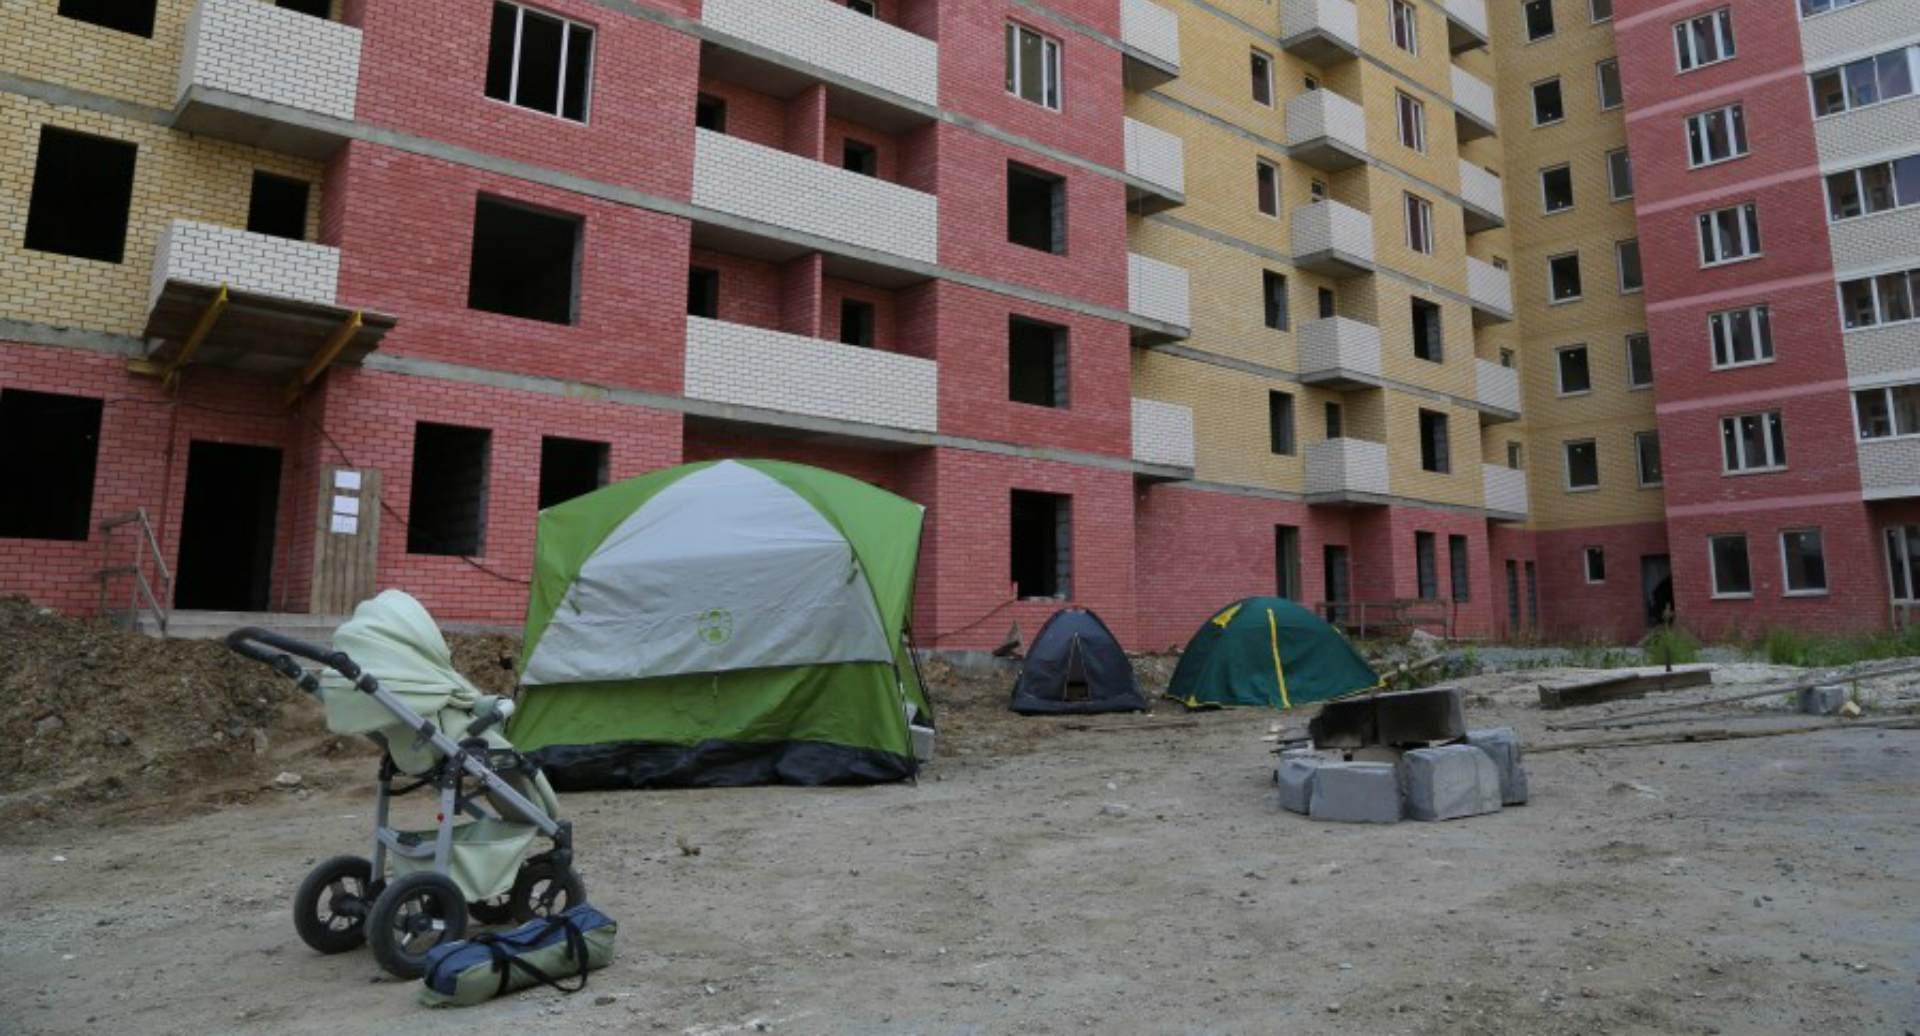 Хватит голодать. Областные власти призывают пайщиков недостроя вКольцово закончить  акцию протеста